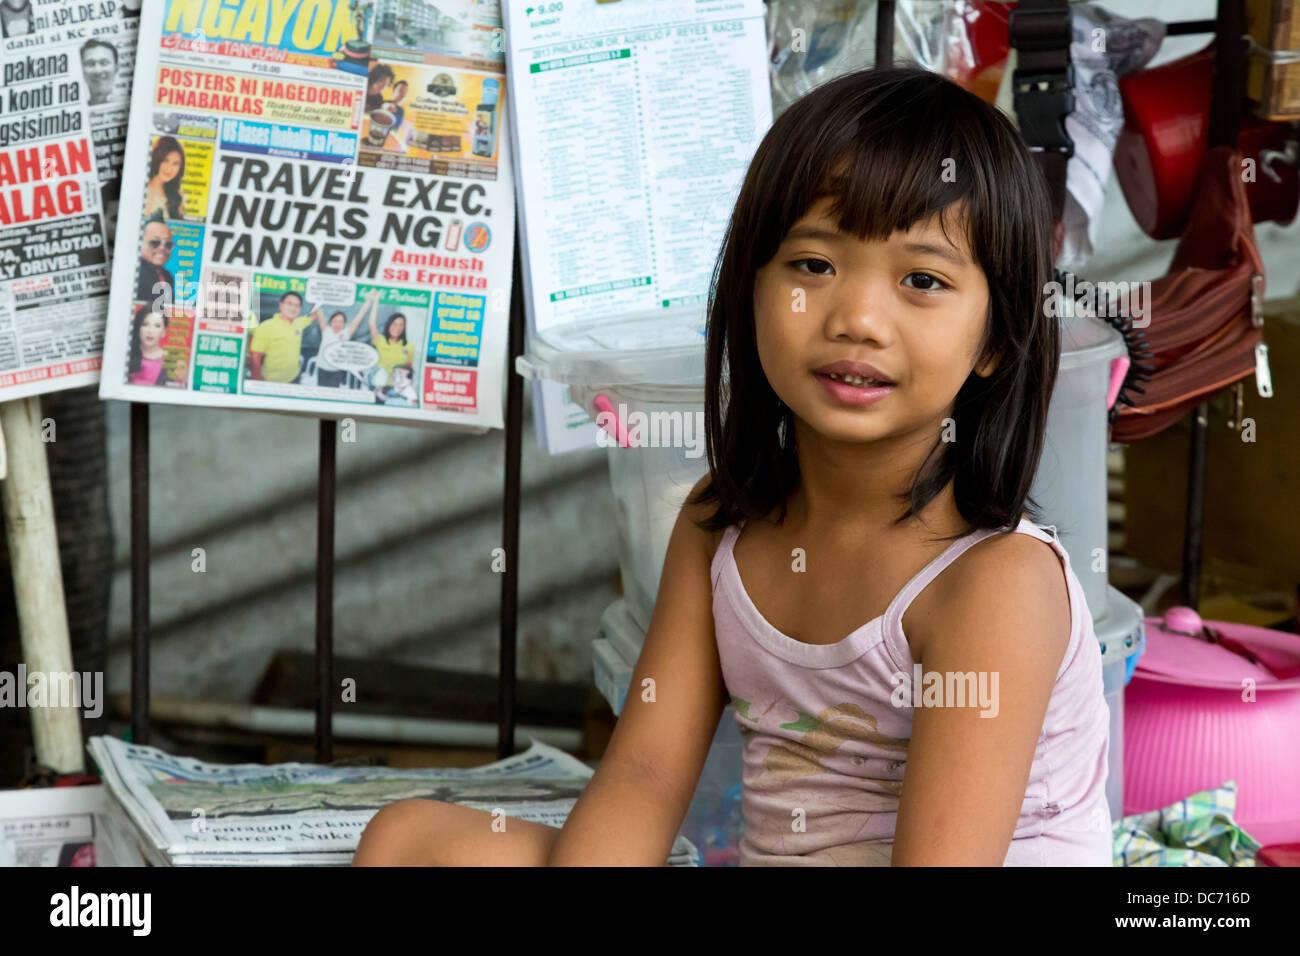 girl in manila